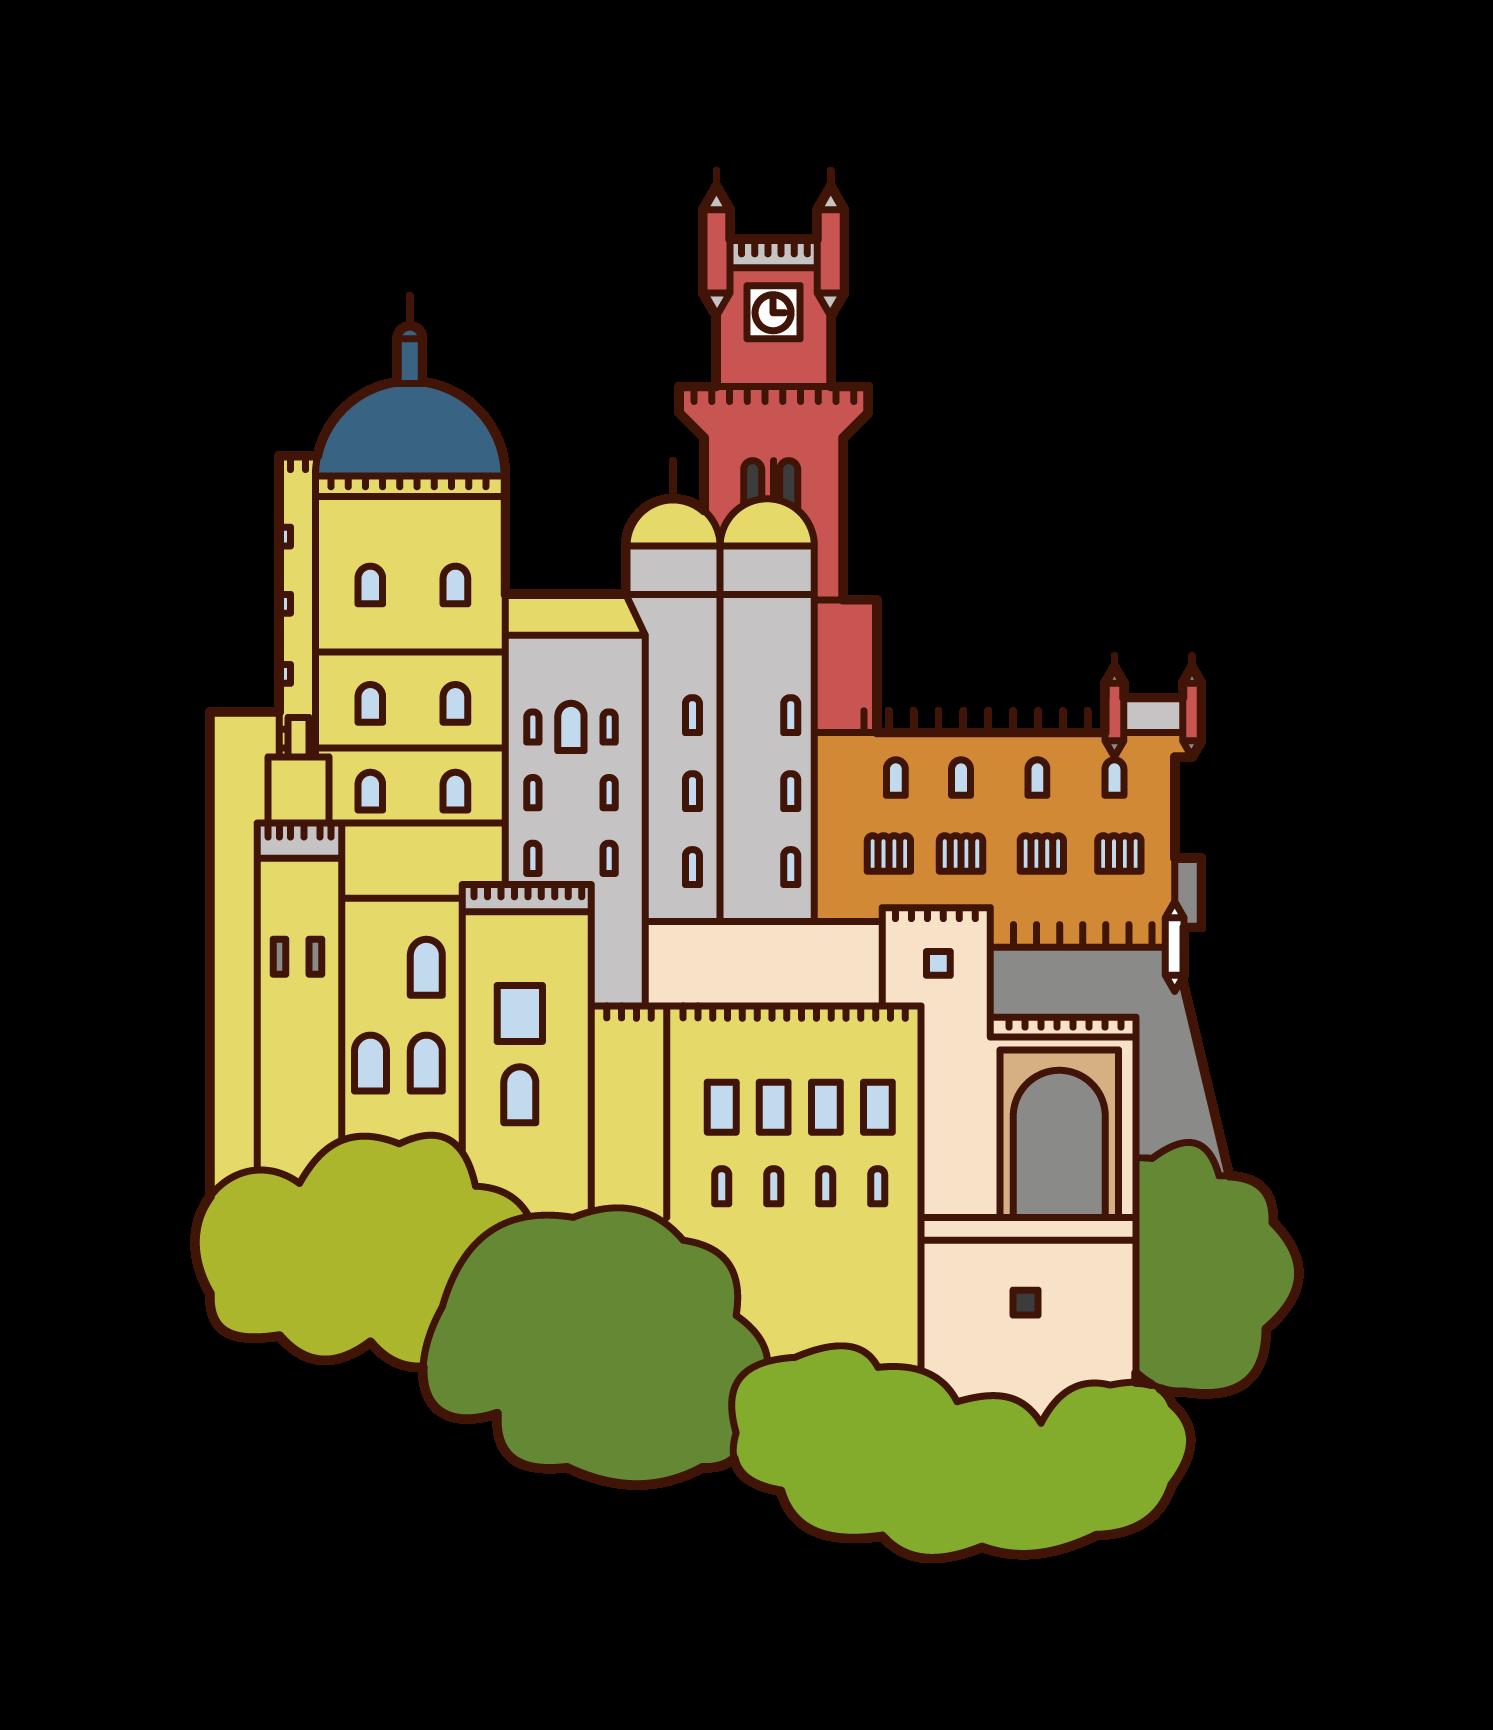 ペーナ宮殿のイラスト